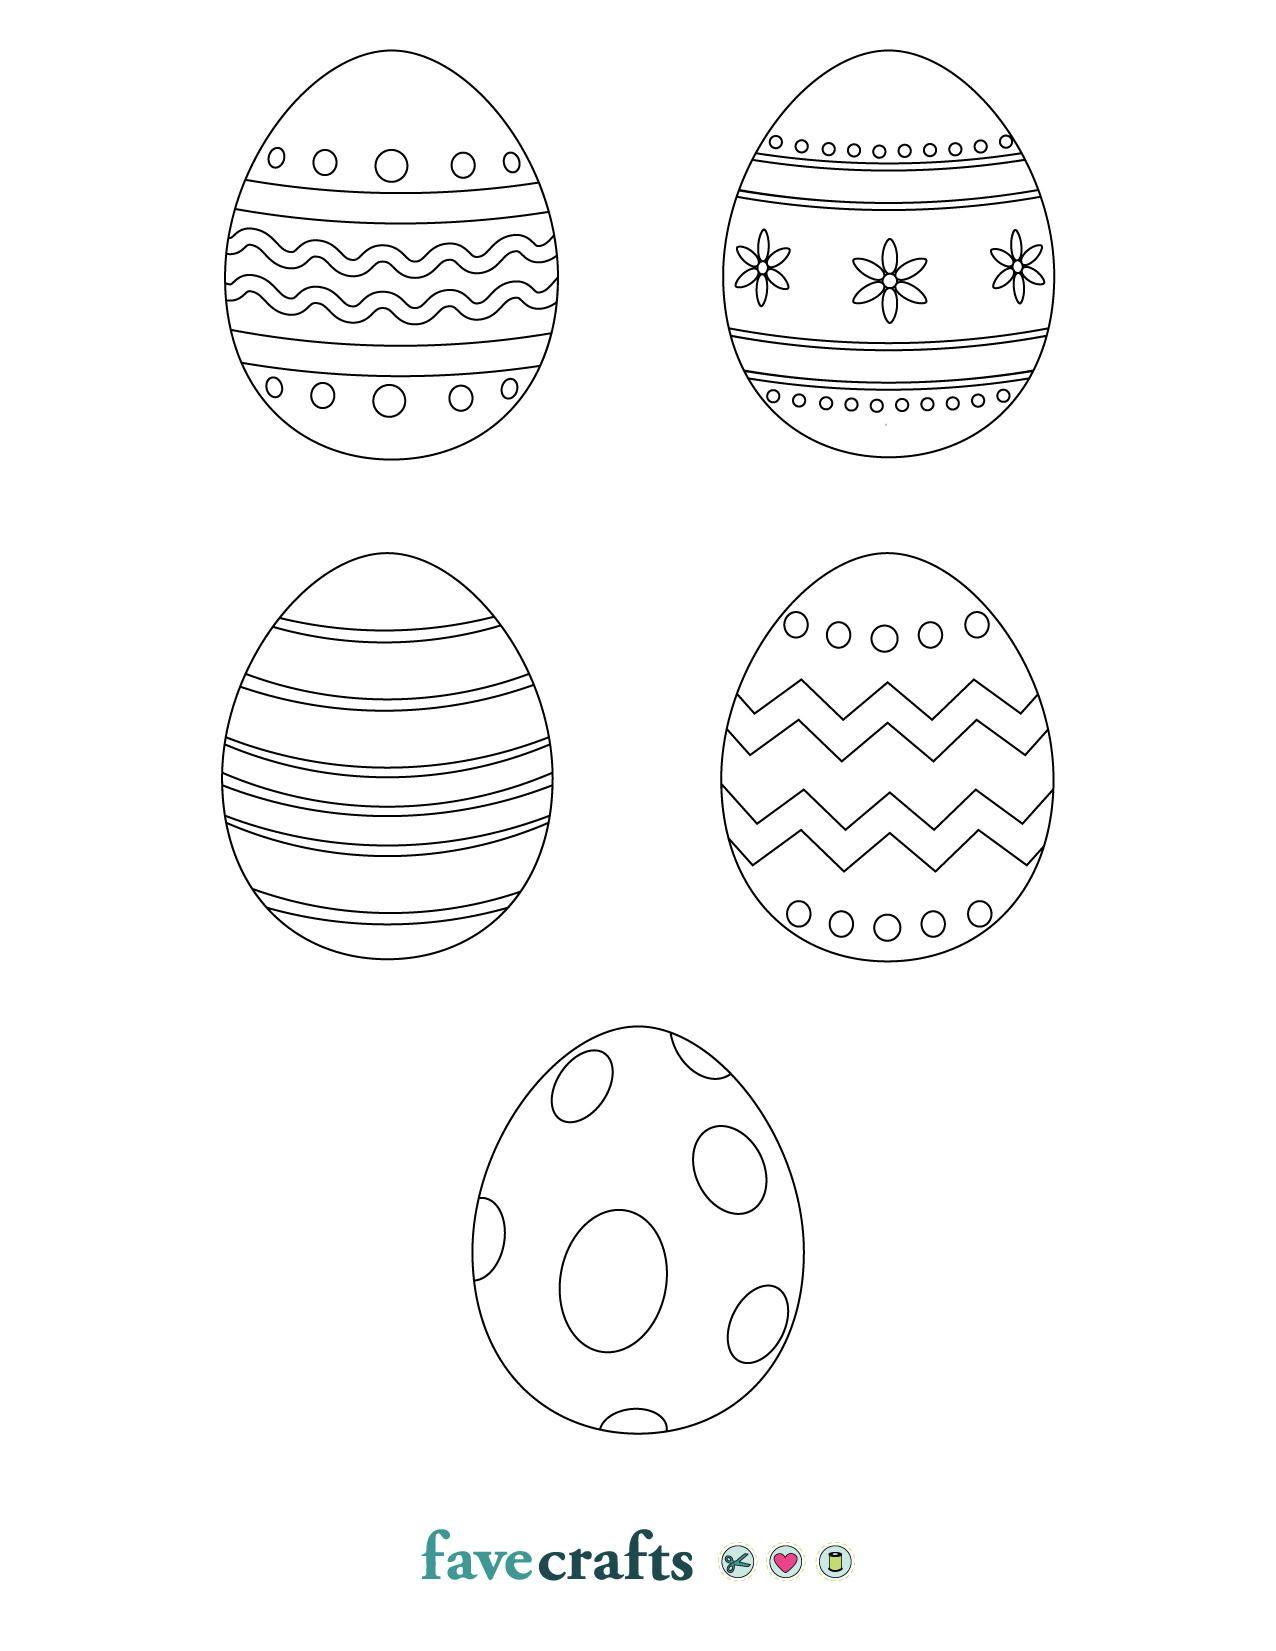 Printable Easter Eggs Free Download Easter Printables Free Easter Egg Coloring Pages Easter Egg Diy Kids